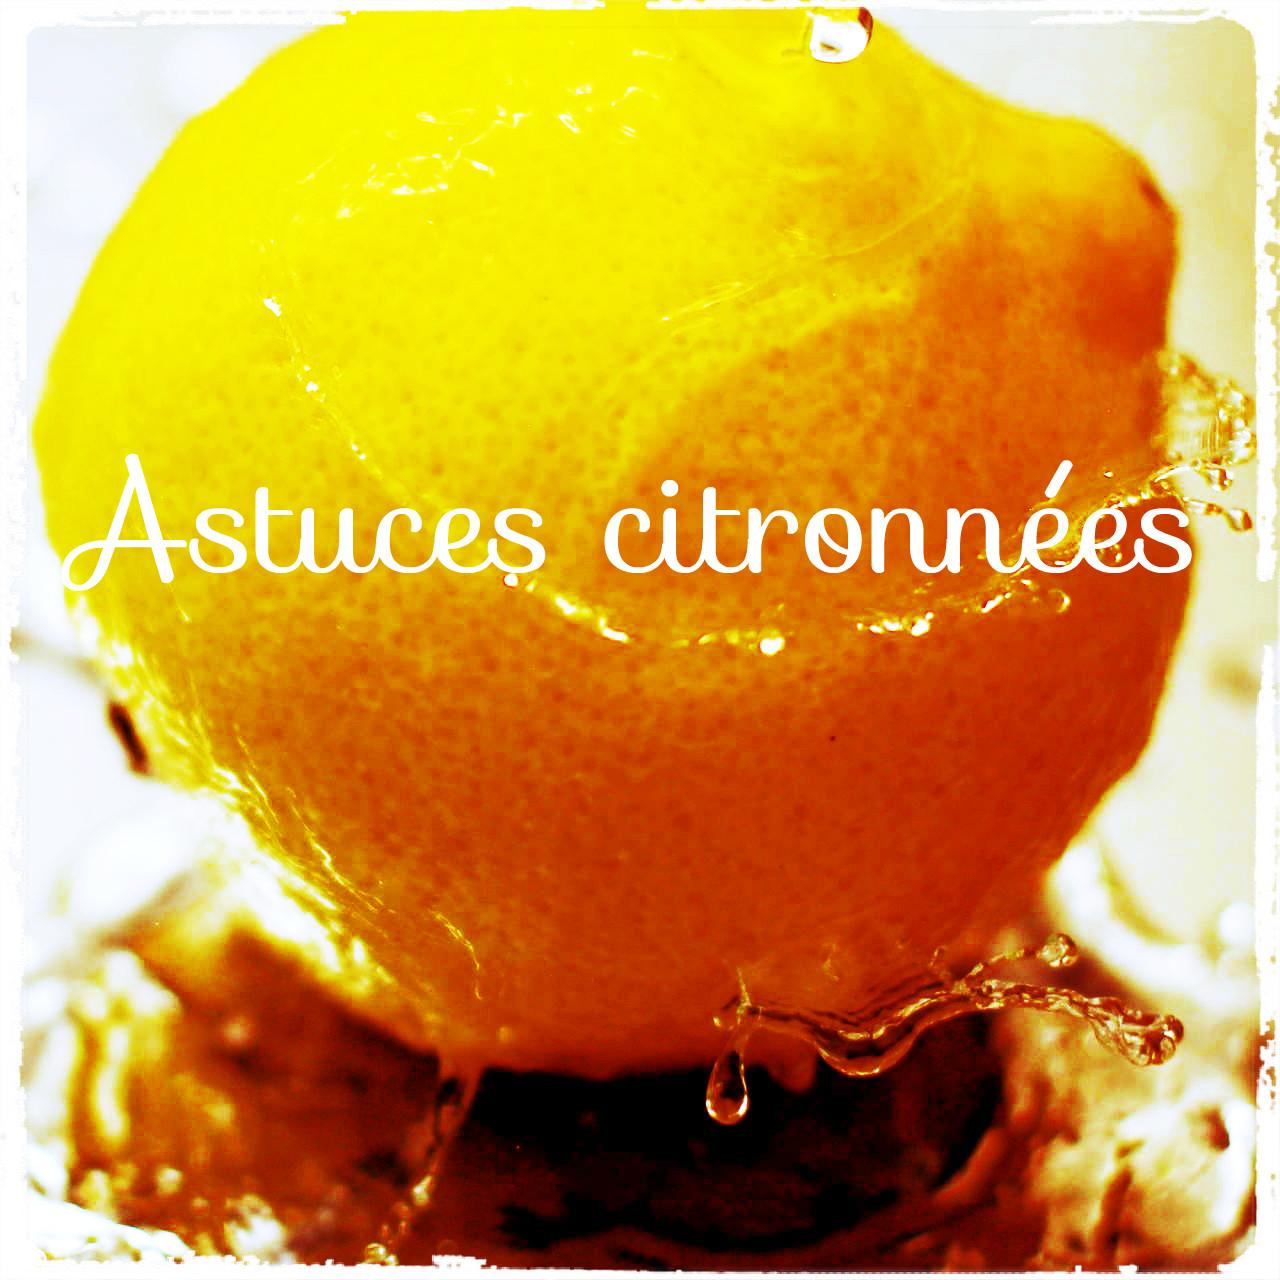 You are currently viewing 15 astuces avec la peau du citron